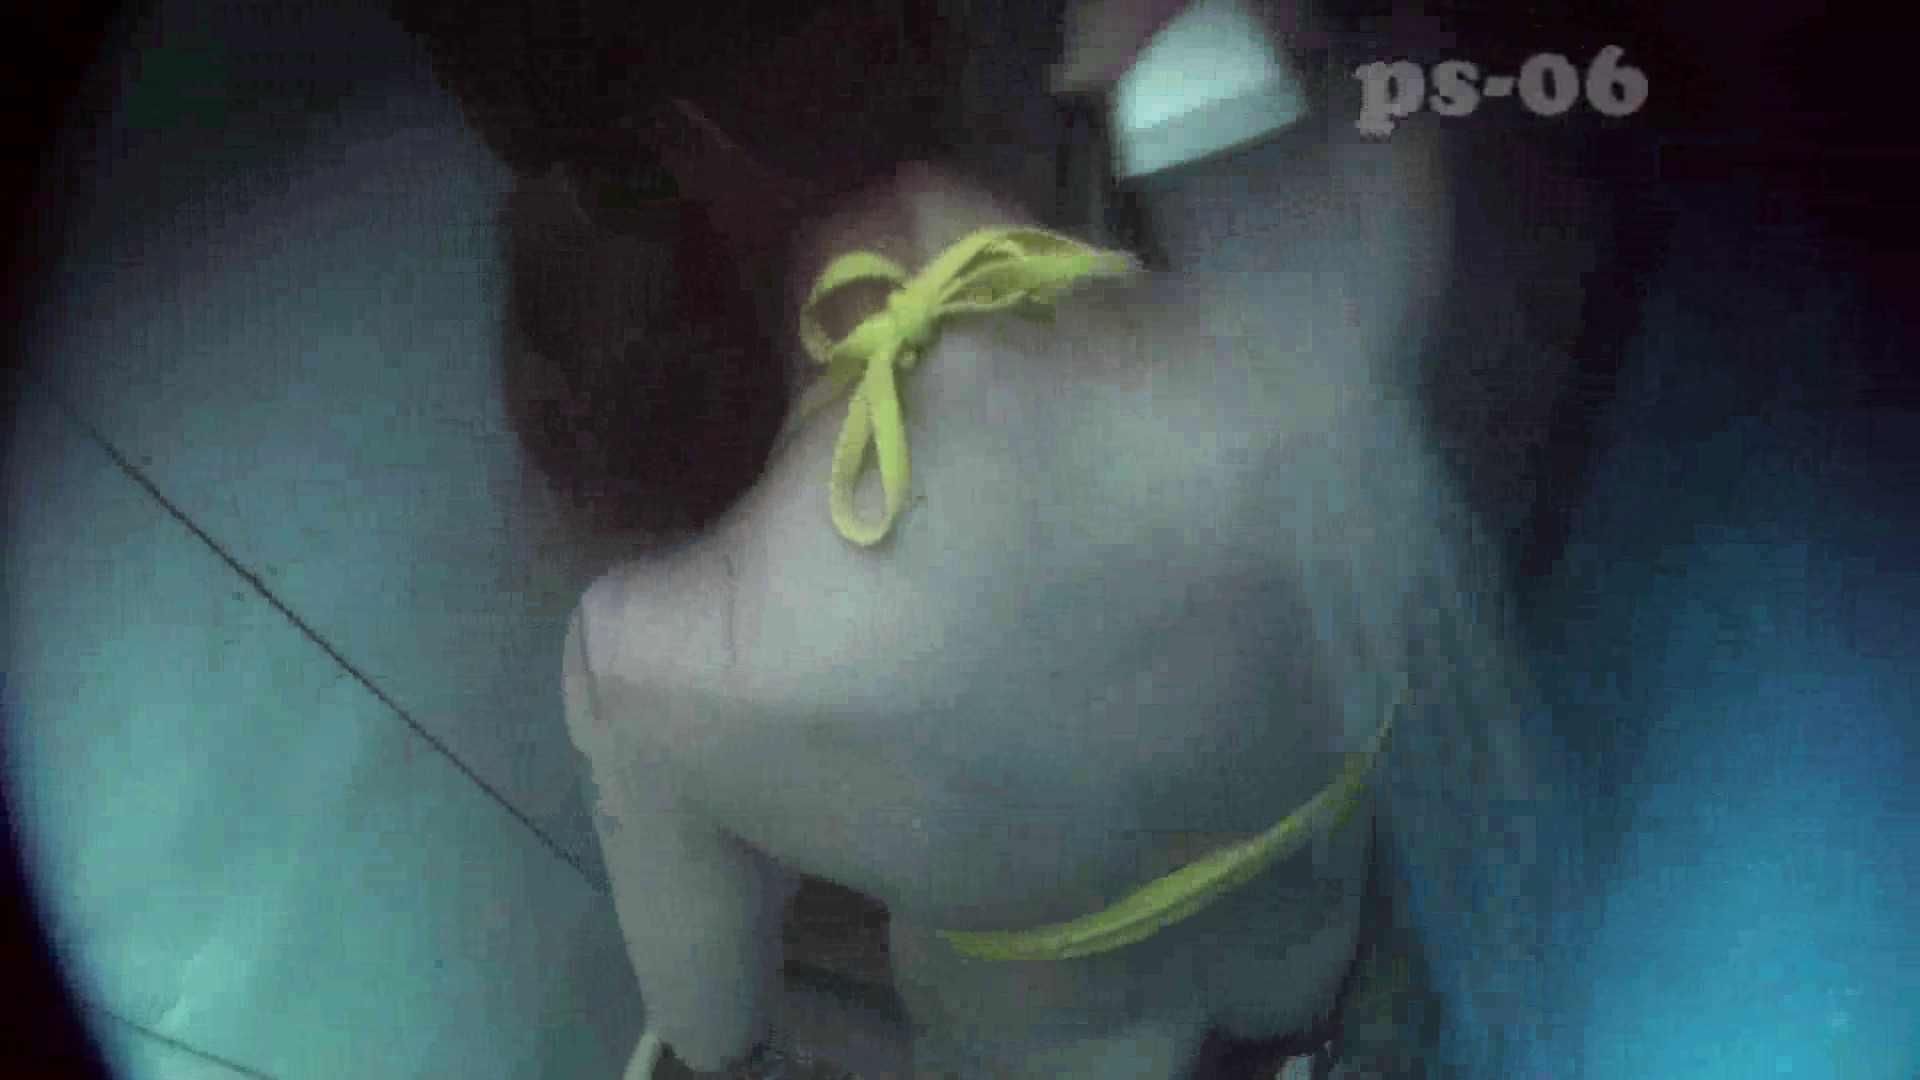 シャワールームは危険な香りVol.6(ハイビジョンサンプル版) シャワー室 オメコ動画キャプチャ 64画像 64